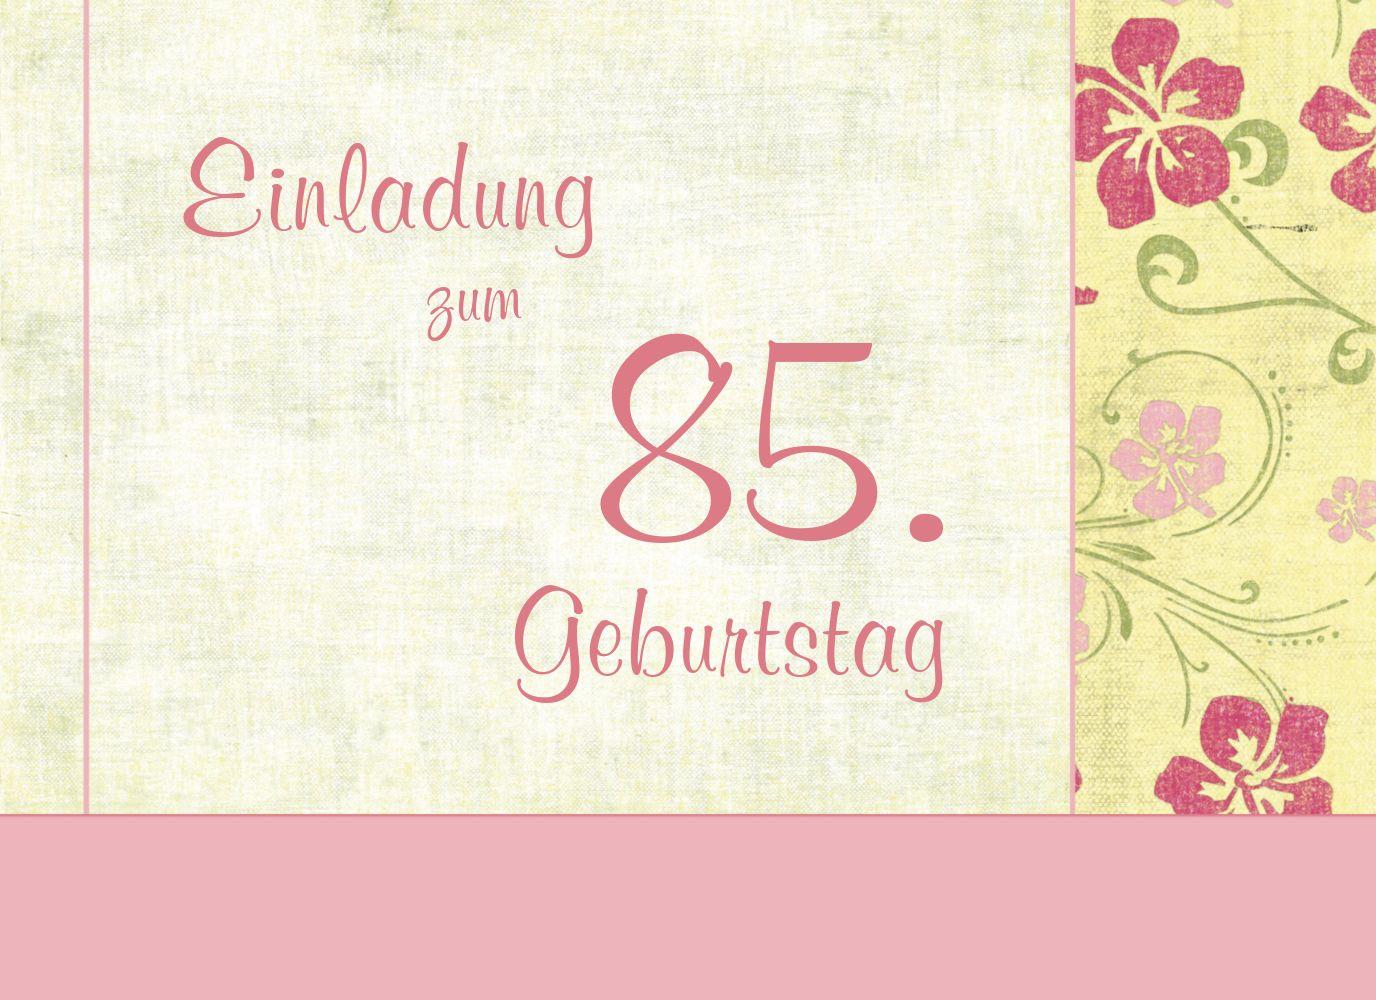 Ansicht 3 - Einladung zum Geburtstag Foto Hibiskus 85